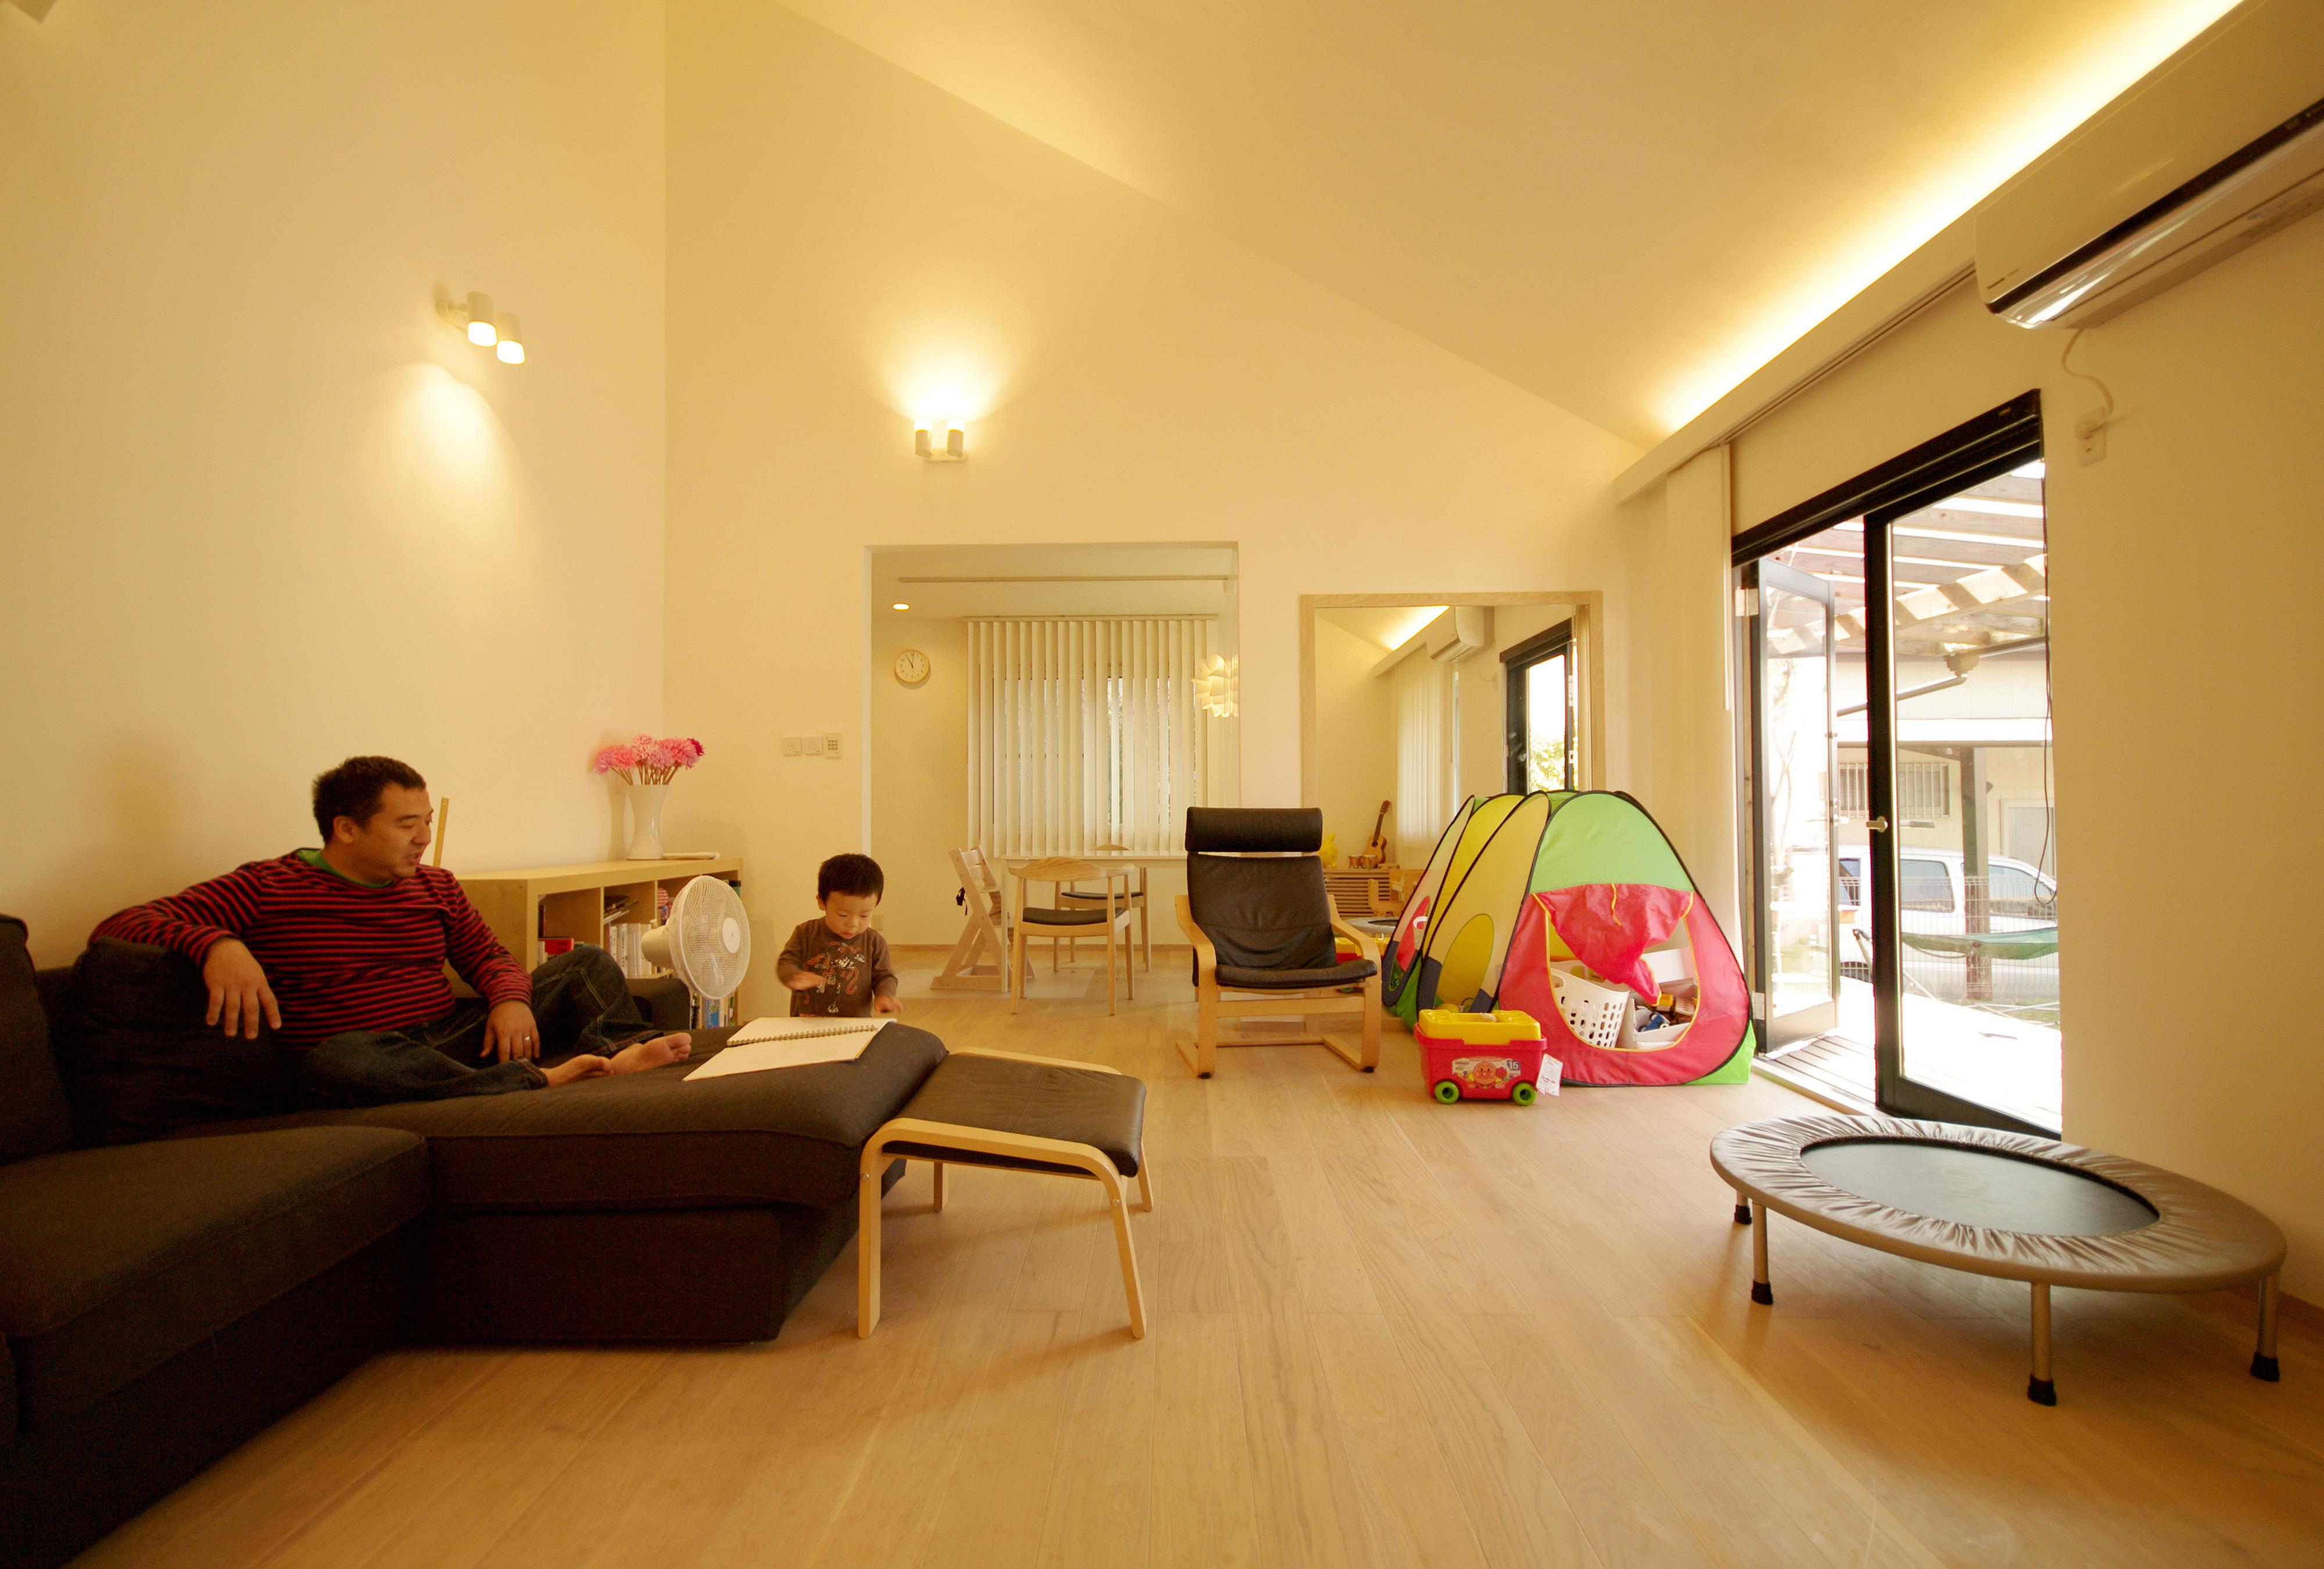 北欧スタイルとパッシブデザインを追求した理想の家